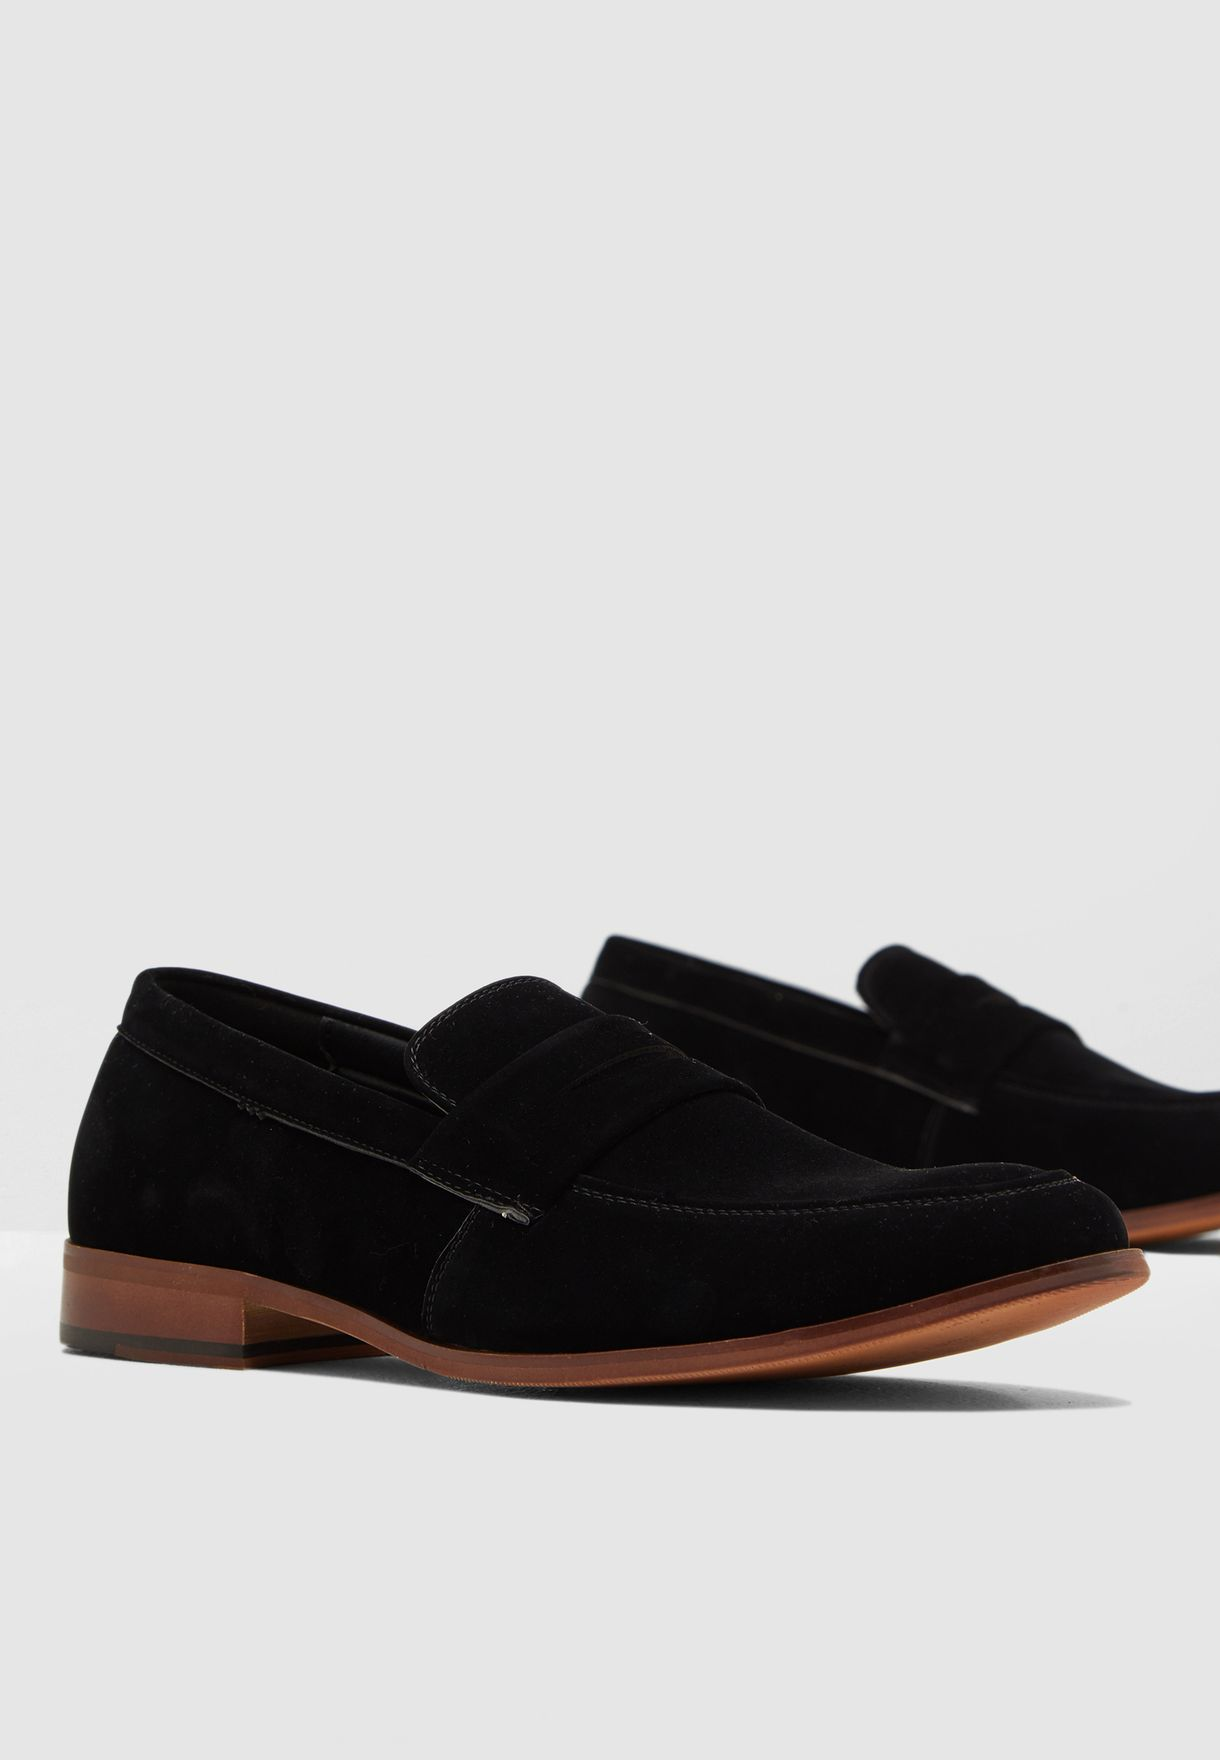 Velvet Casual Loafers